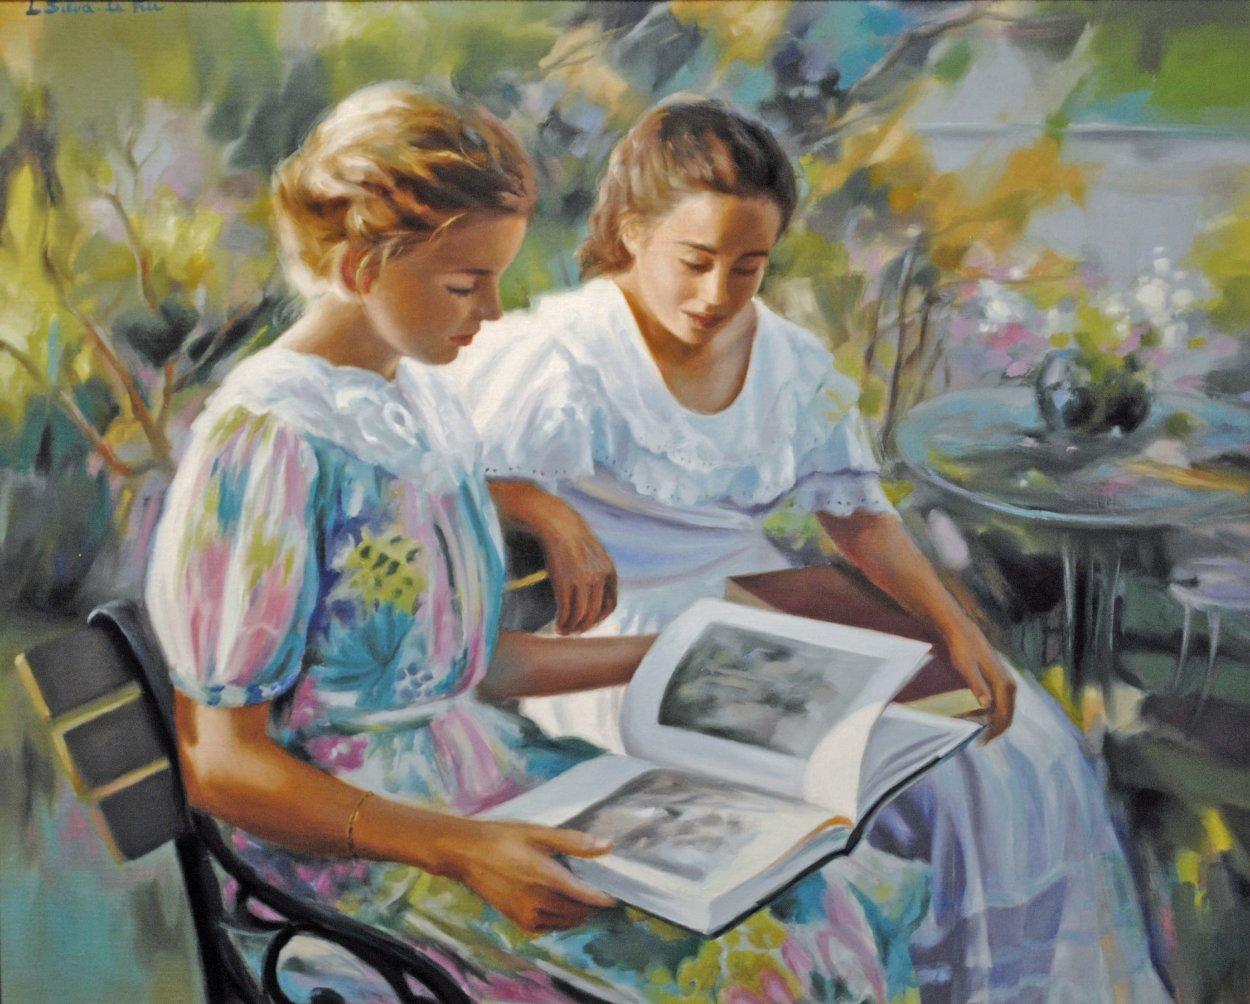 Jeunes Filles Au Jardin 2002 30x34 Original Painting by Liliane Silva Le Fur